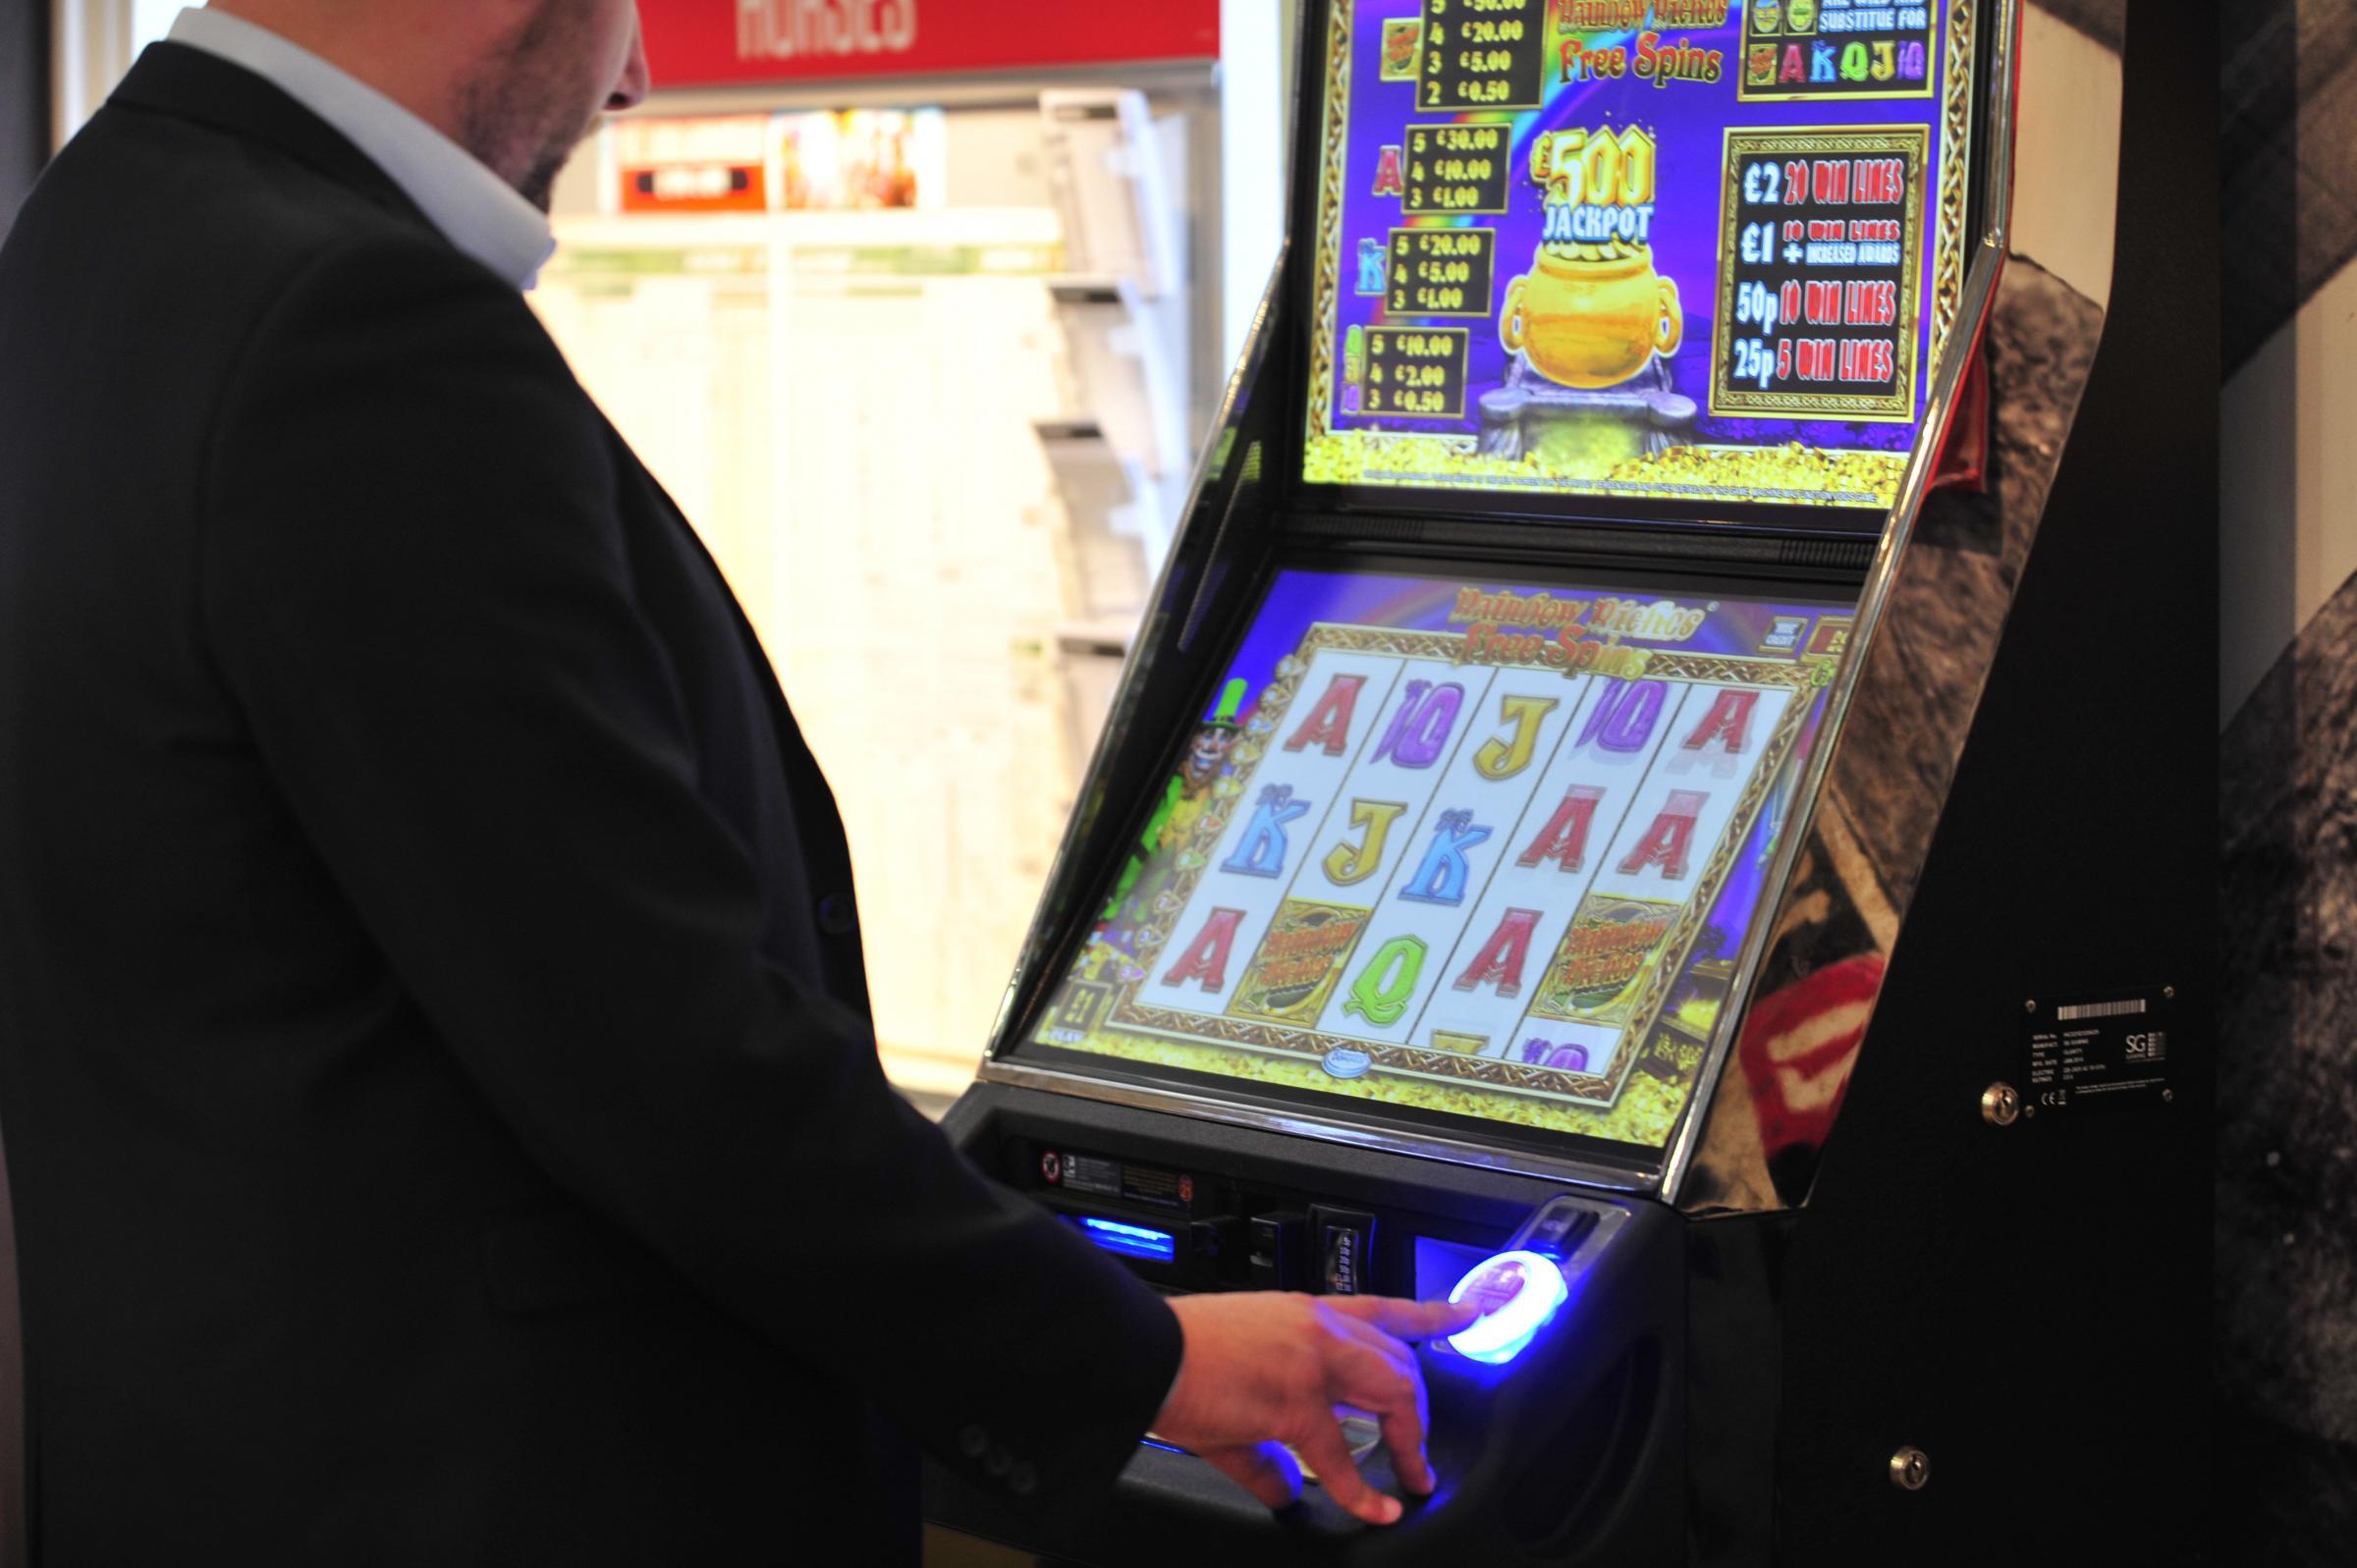 Gambling review new mobile slots no deposit bonus